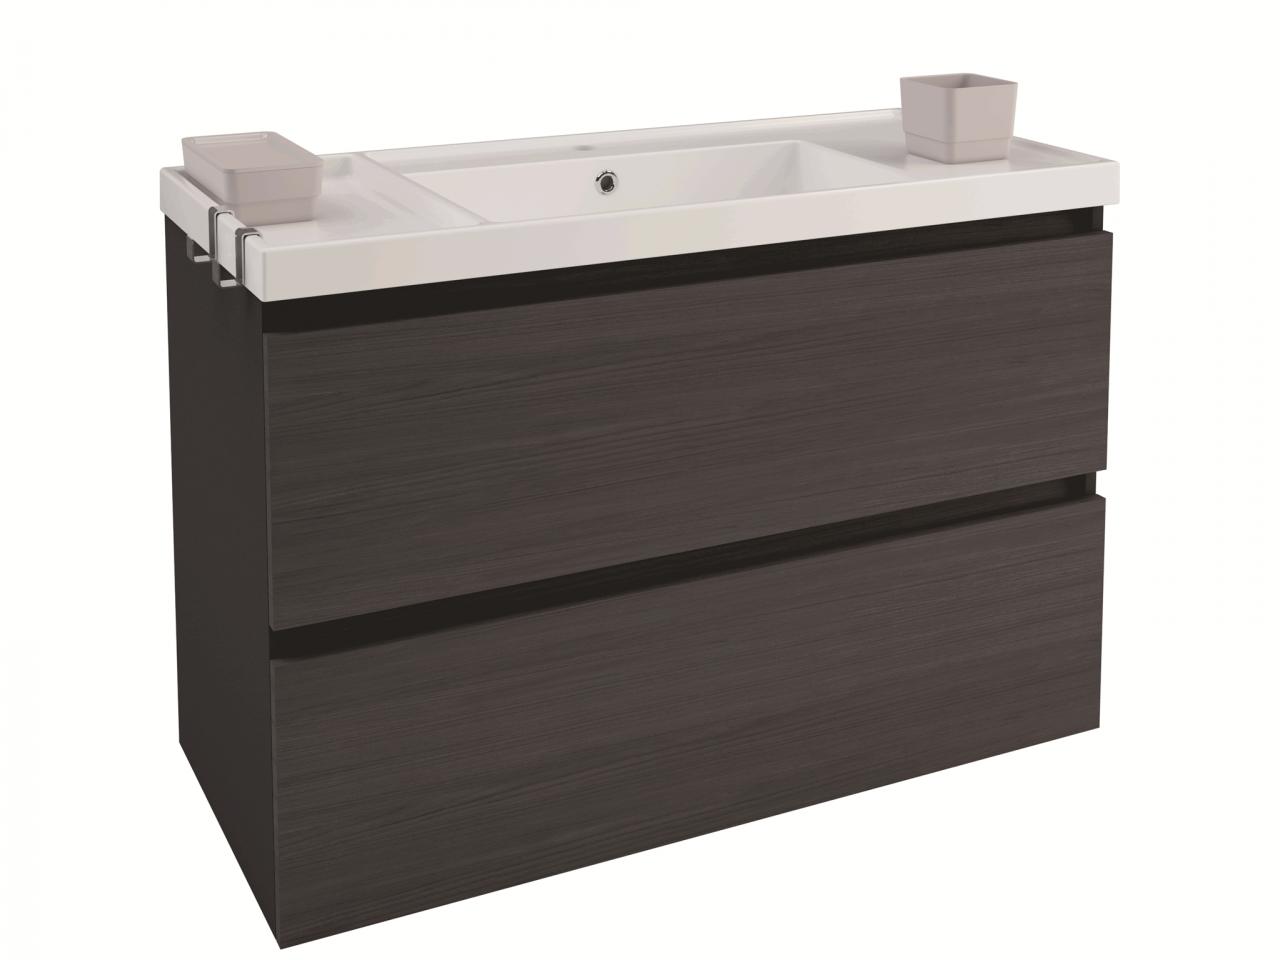 box mit schubladen preisvergleiche erfahrungsberichte. Black Bedroom Furniture Sets. Home Design Ideas